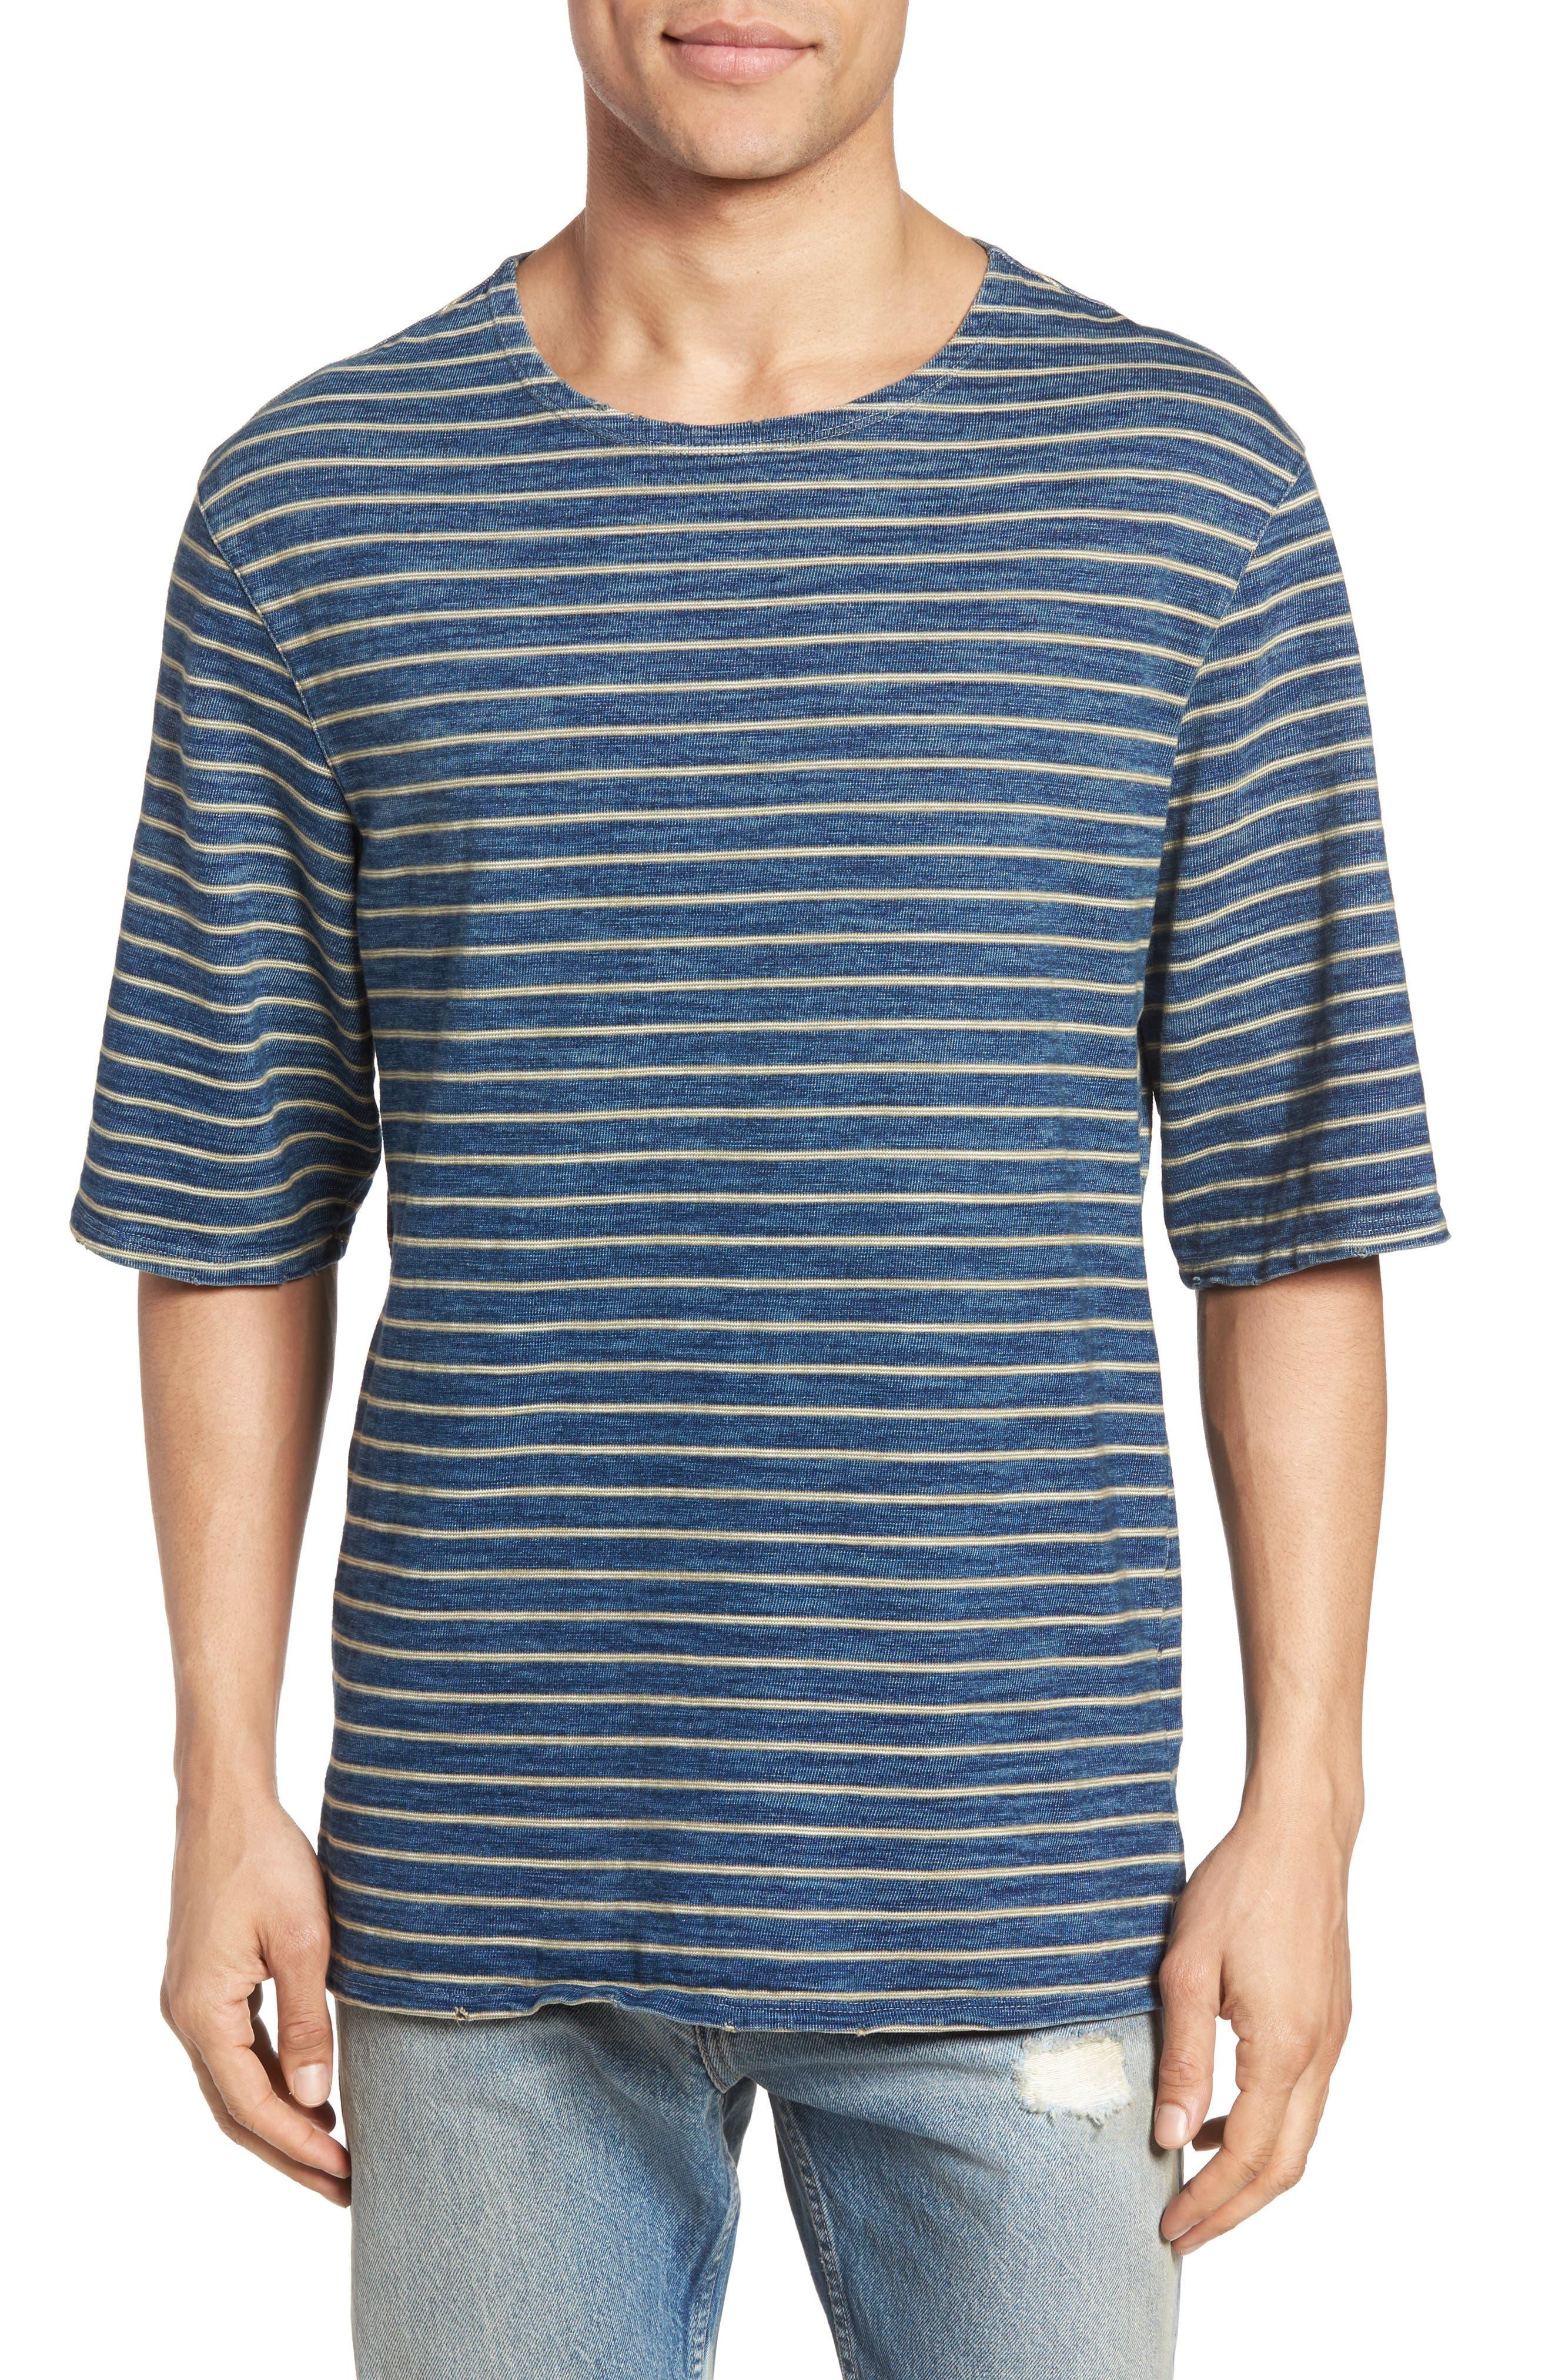 CURRENT/ELLIOTT Classic Fit Breton Stripe T-Shirt